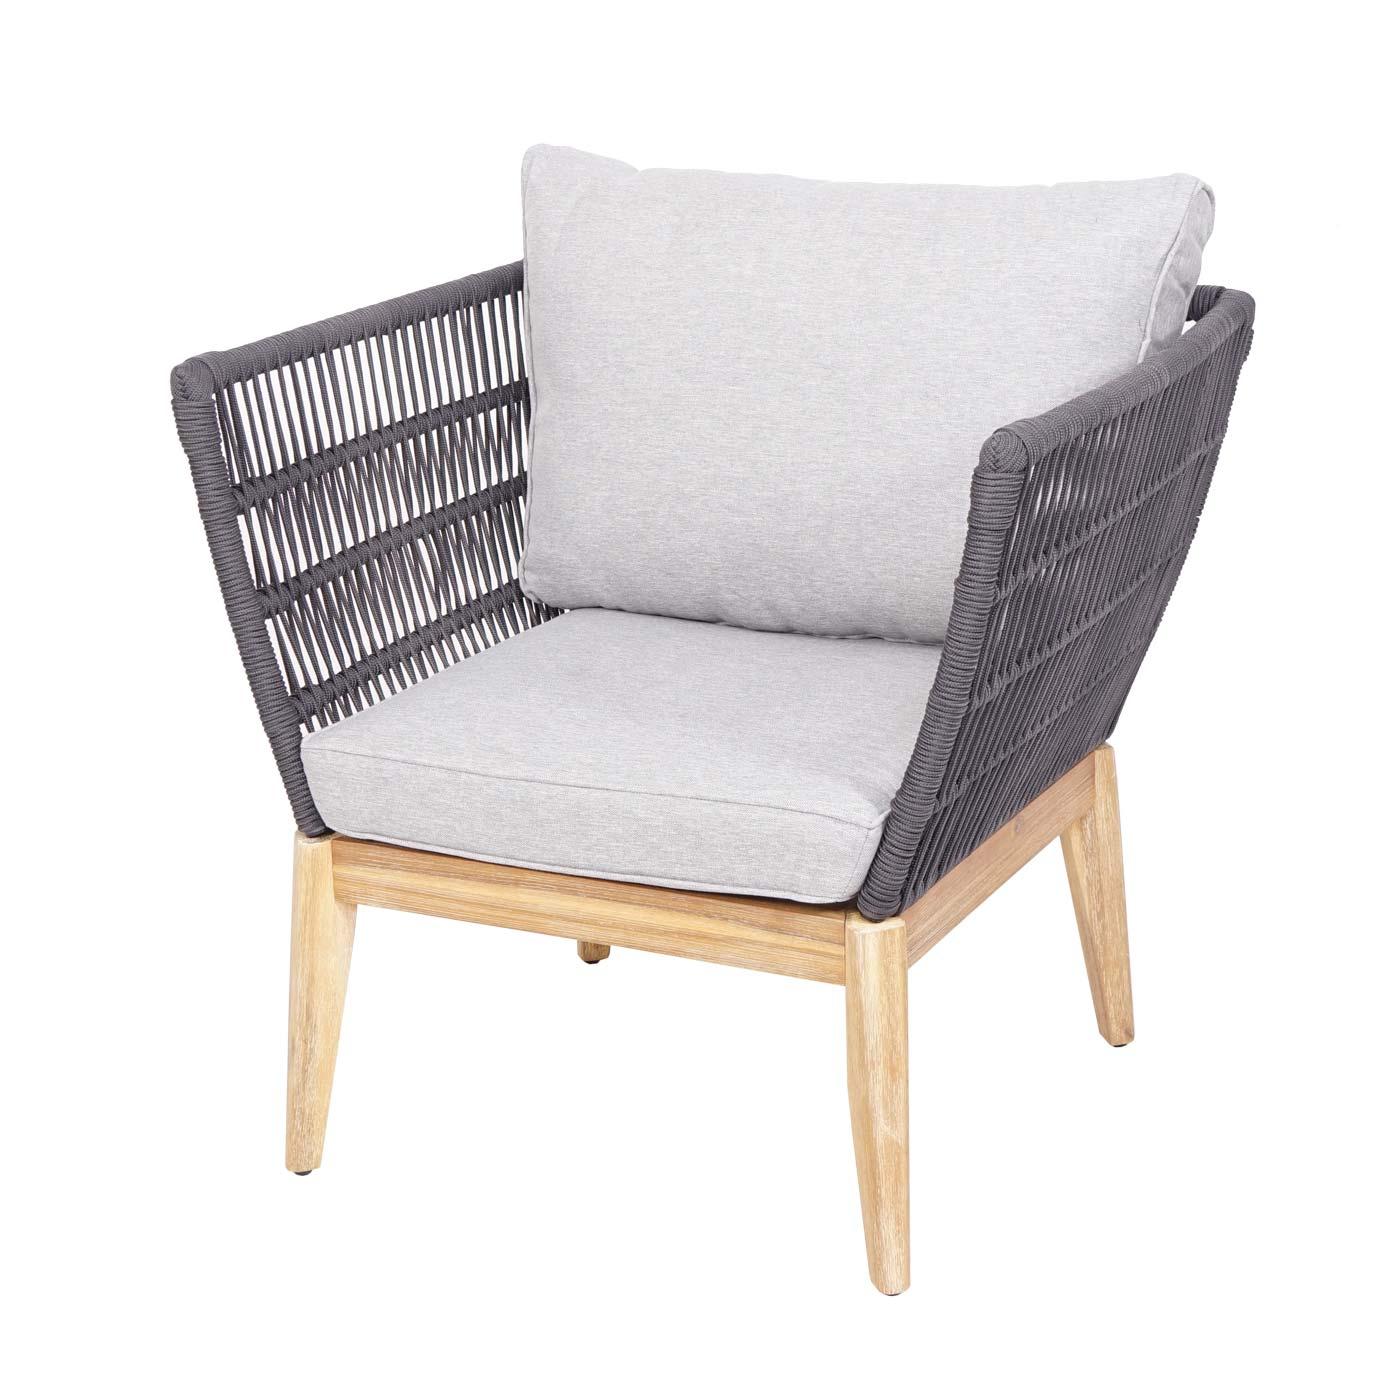 Gartengarnitur HWC-H55 Sessel Vorderansicht